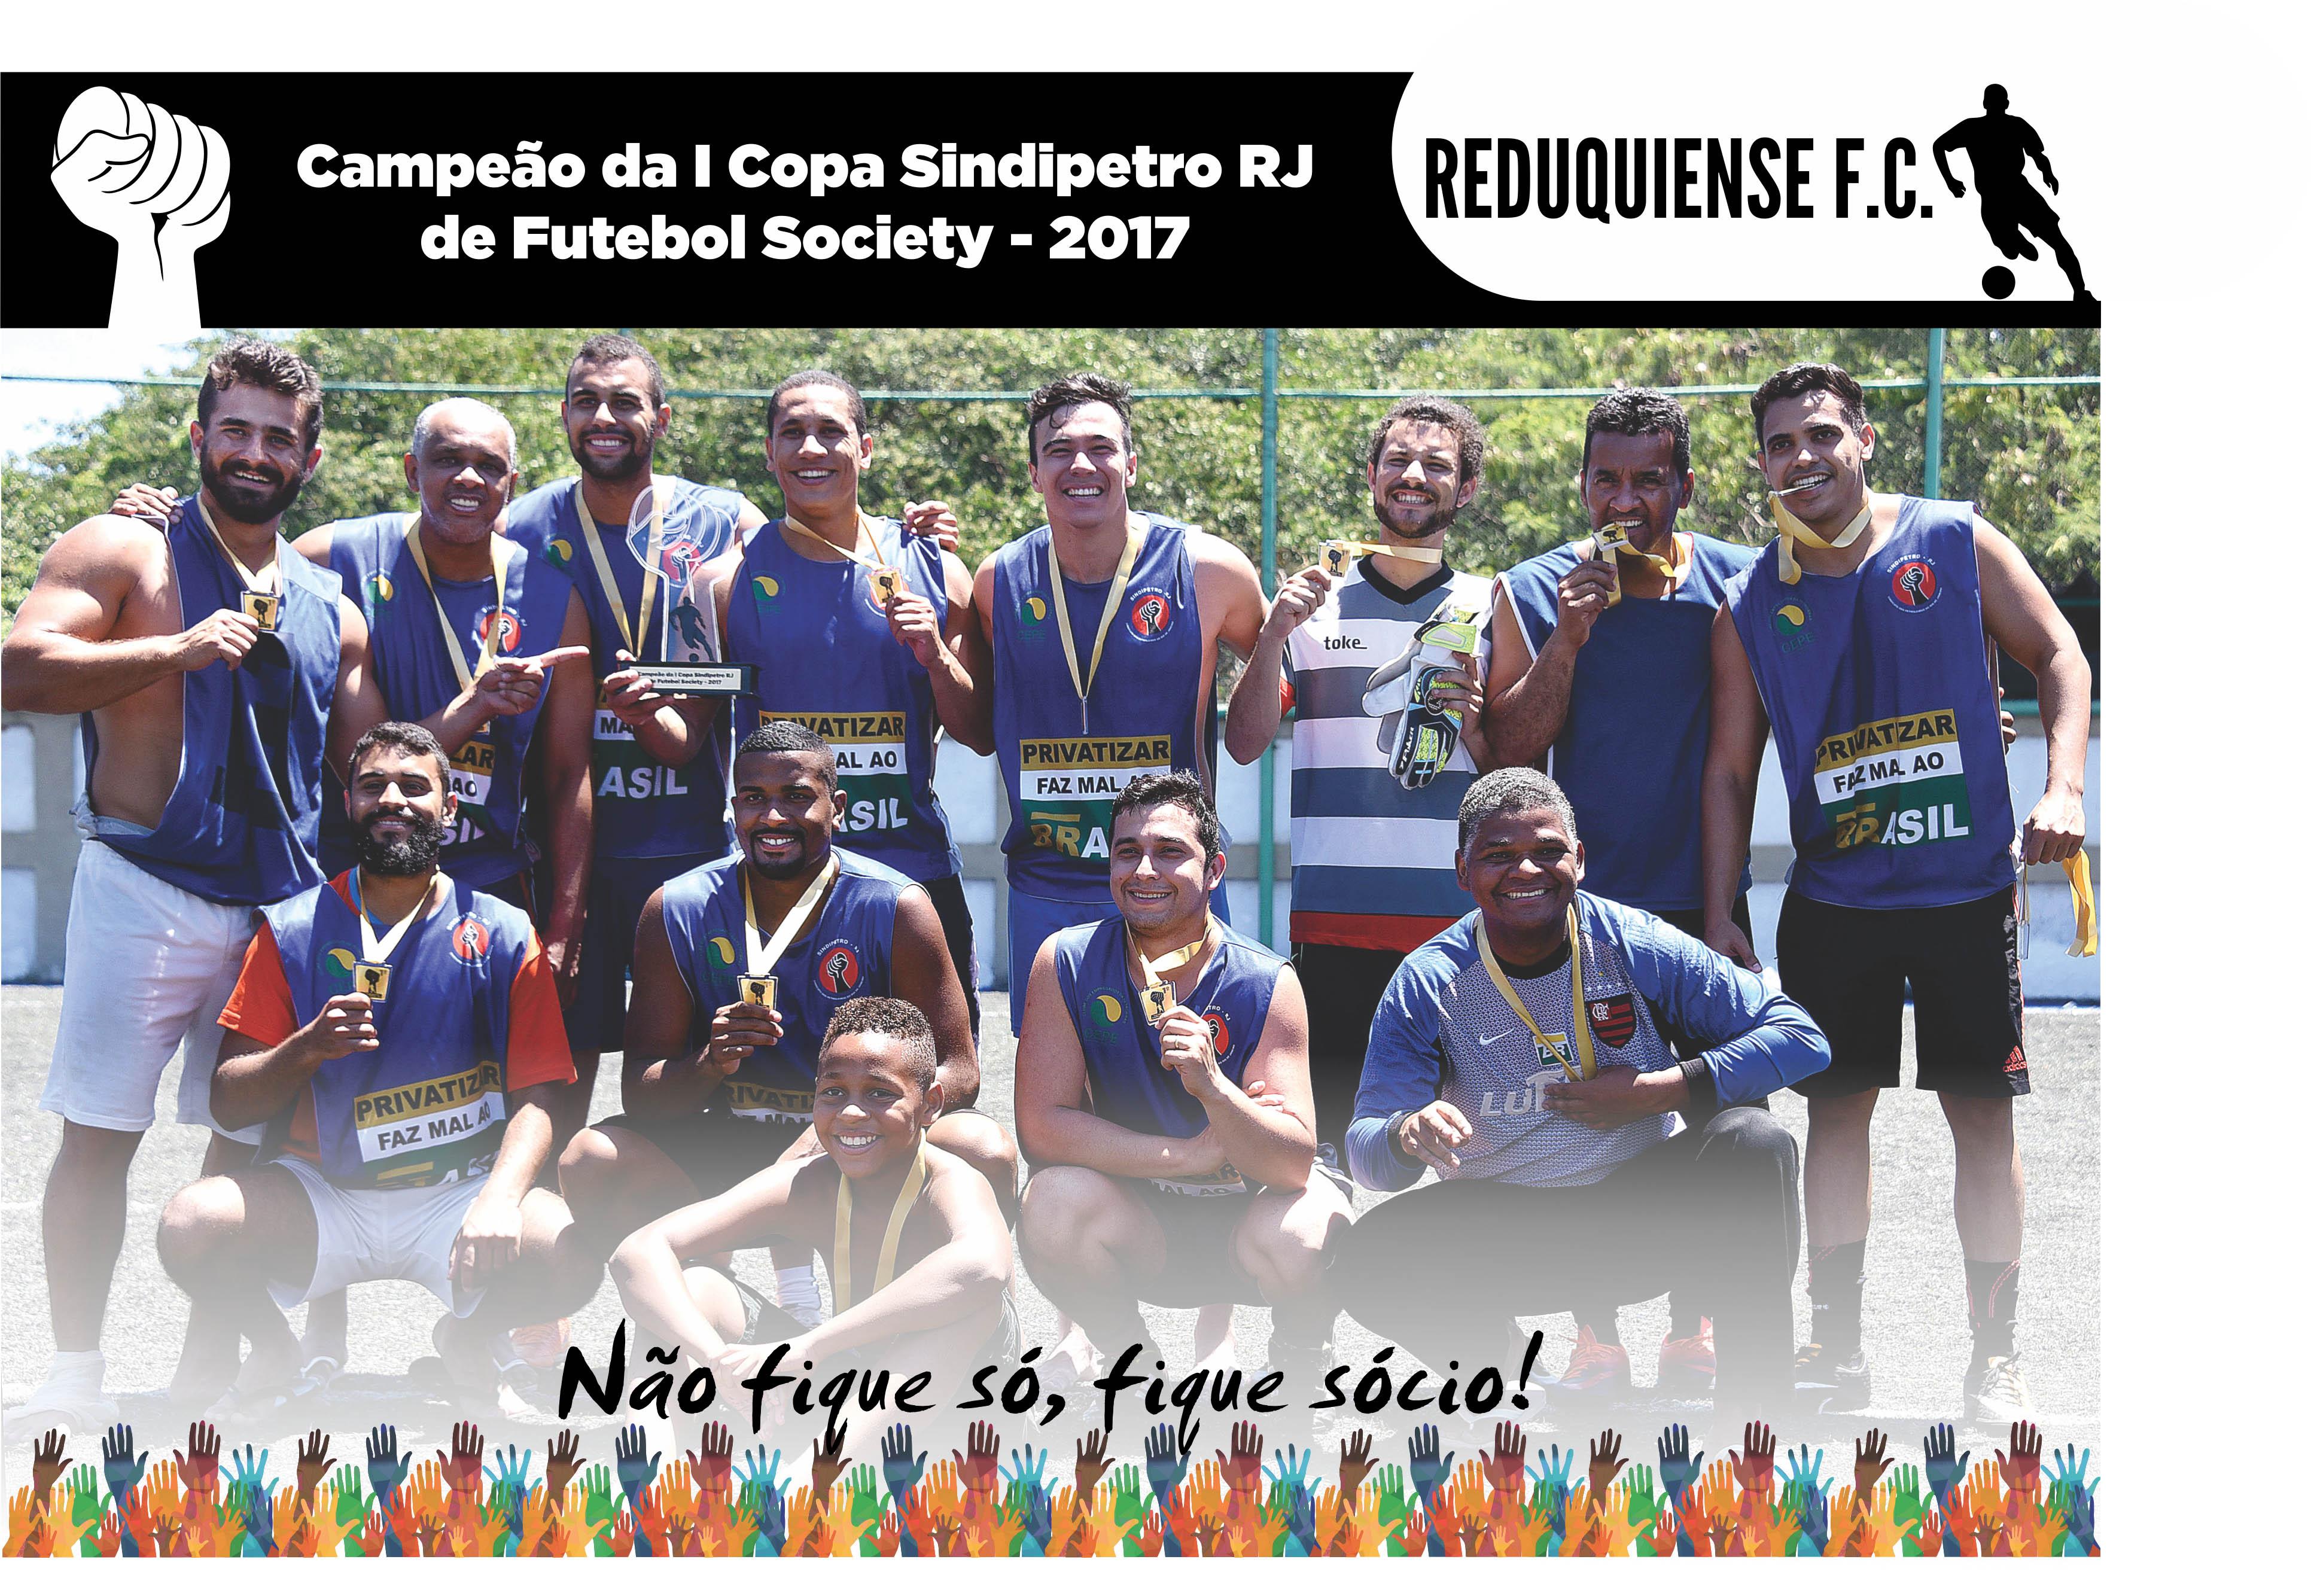 Reduquiense é o campeão da 1ª copa Sindipetro-RJ poster campe  o I copa 1